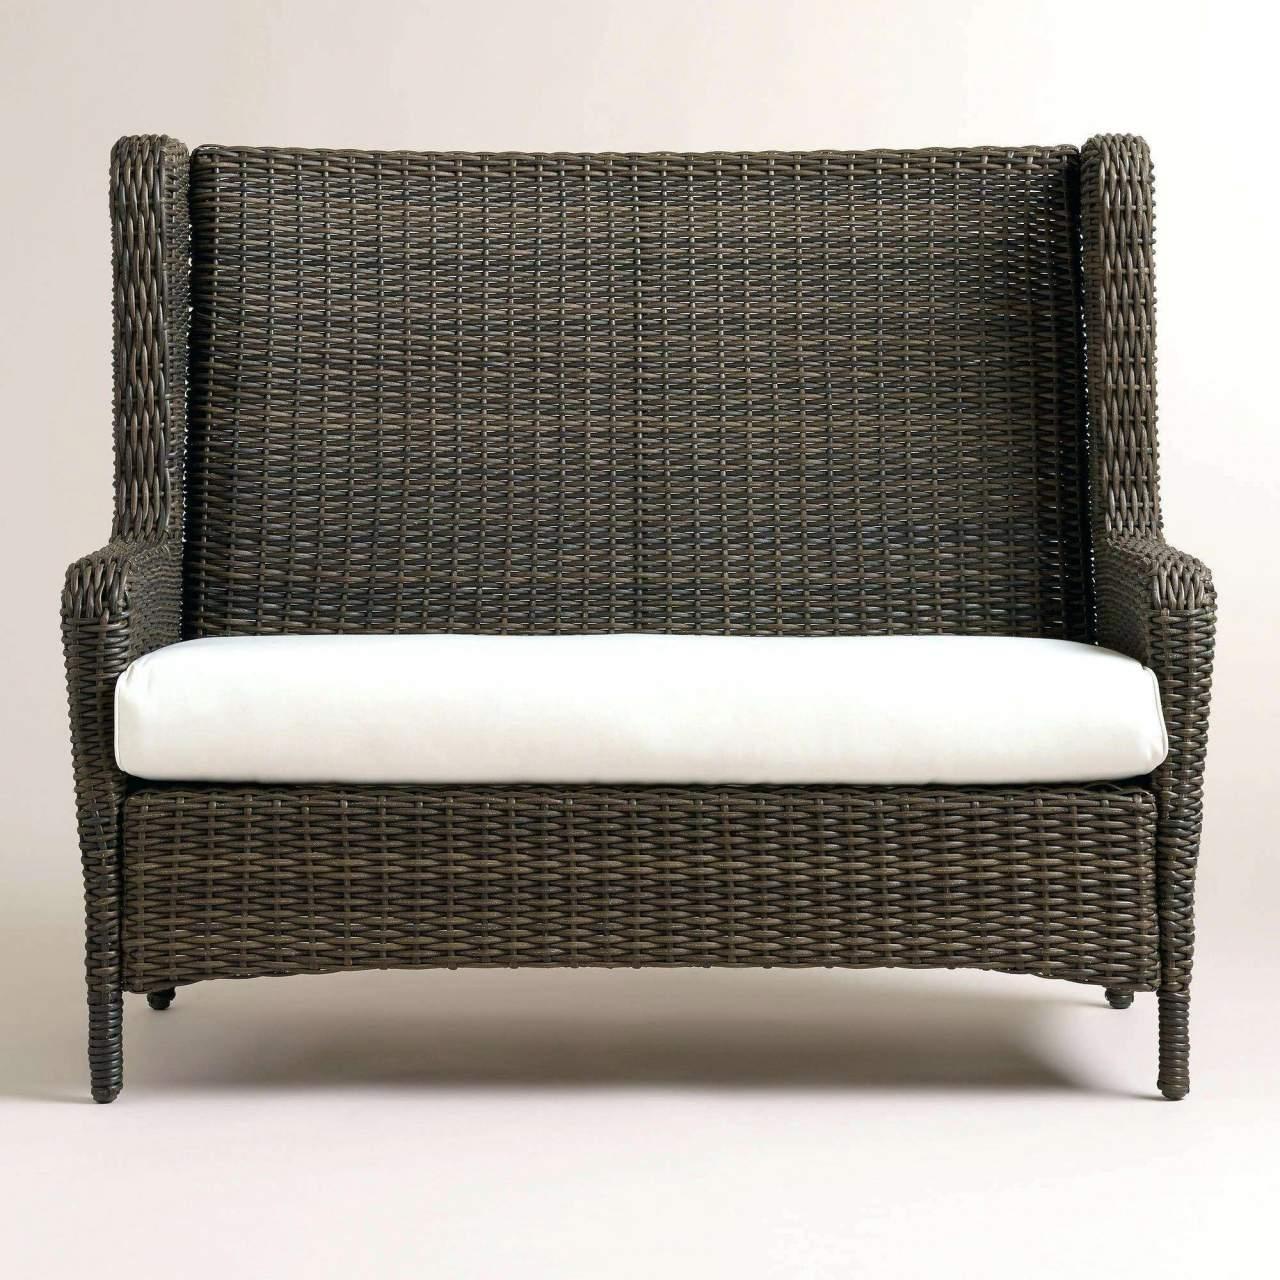 bistro patio set rattan sofa garten luxus recliner wicker outdoor sofa 0d patio durch bistro patio set